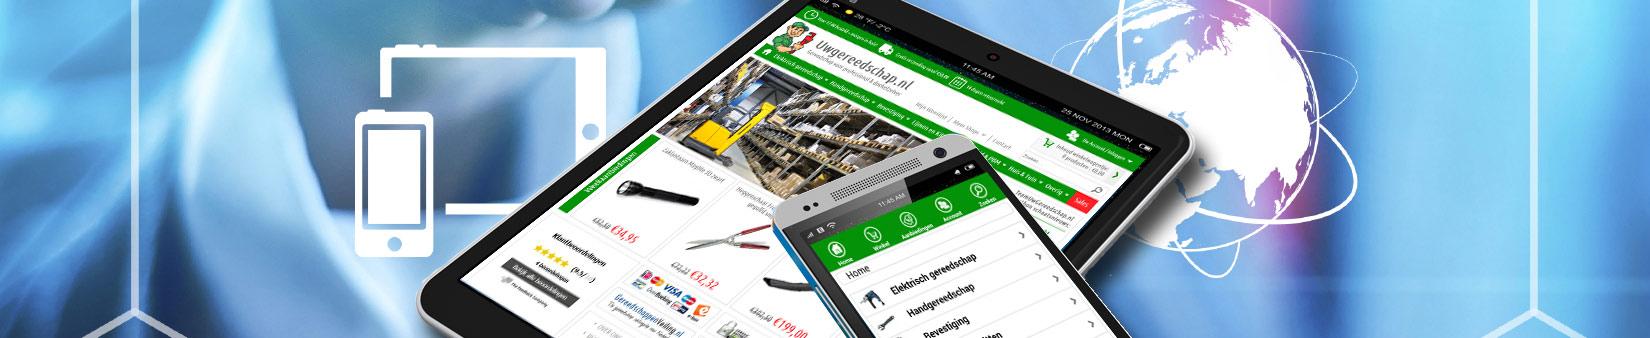 mobile-webshop1